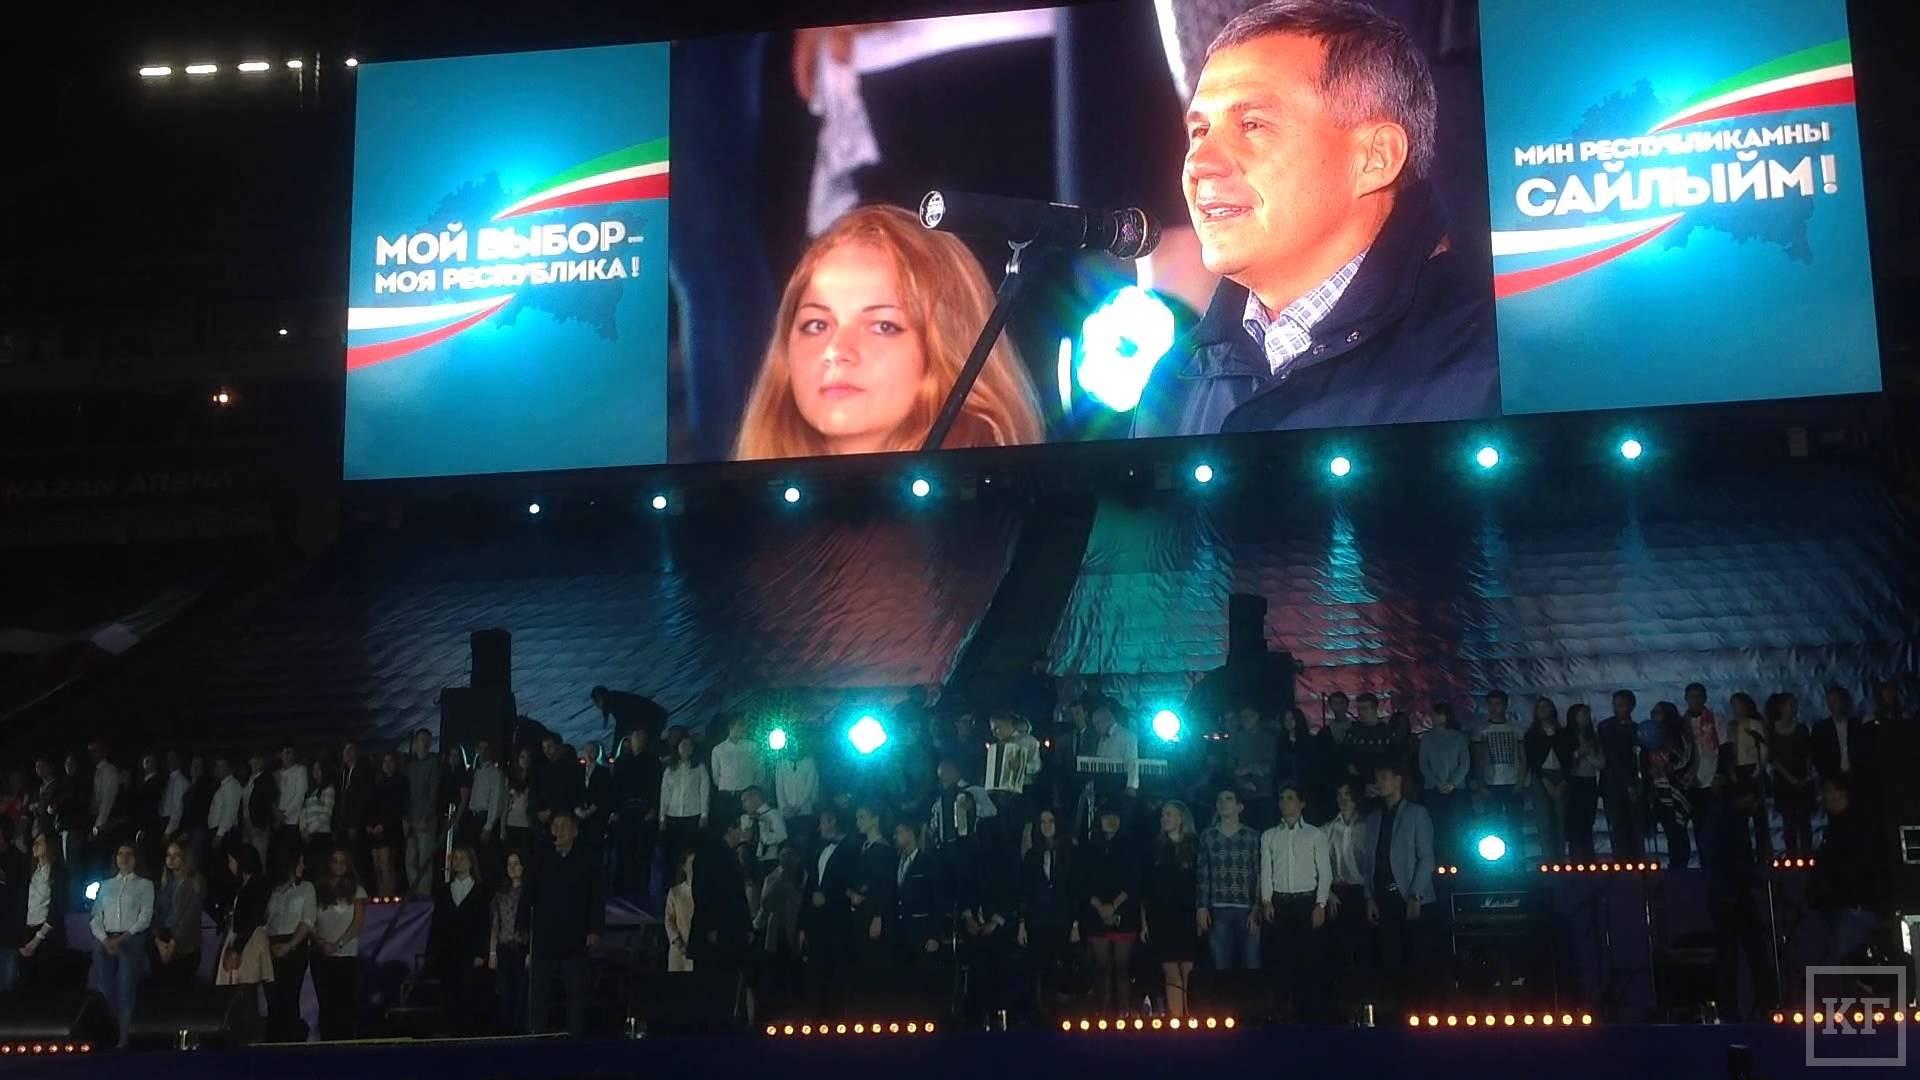 Чем будут развлекать граждан в день выборов в Казани, Нижнекамске, Челнах и Альметьевске